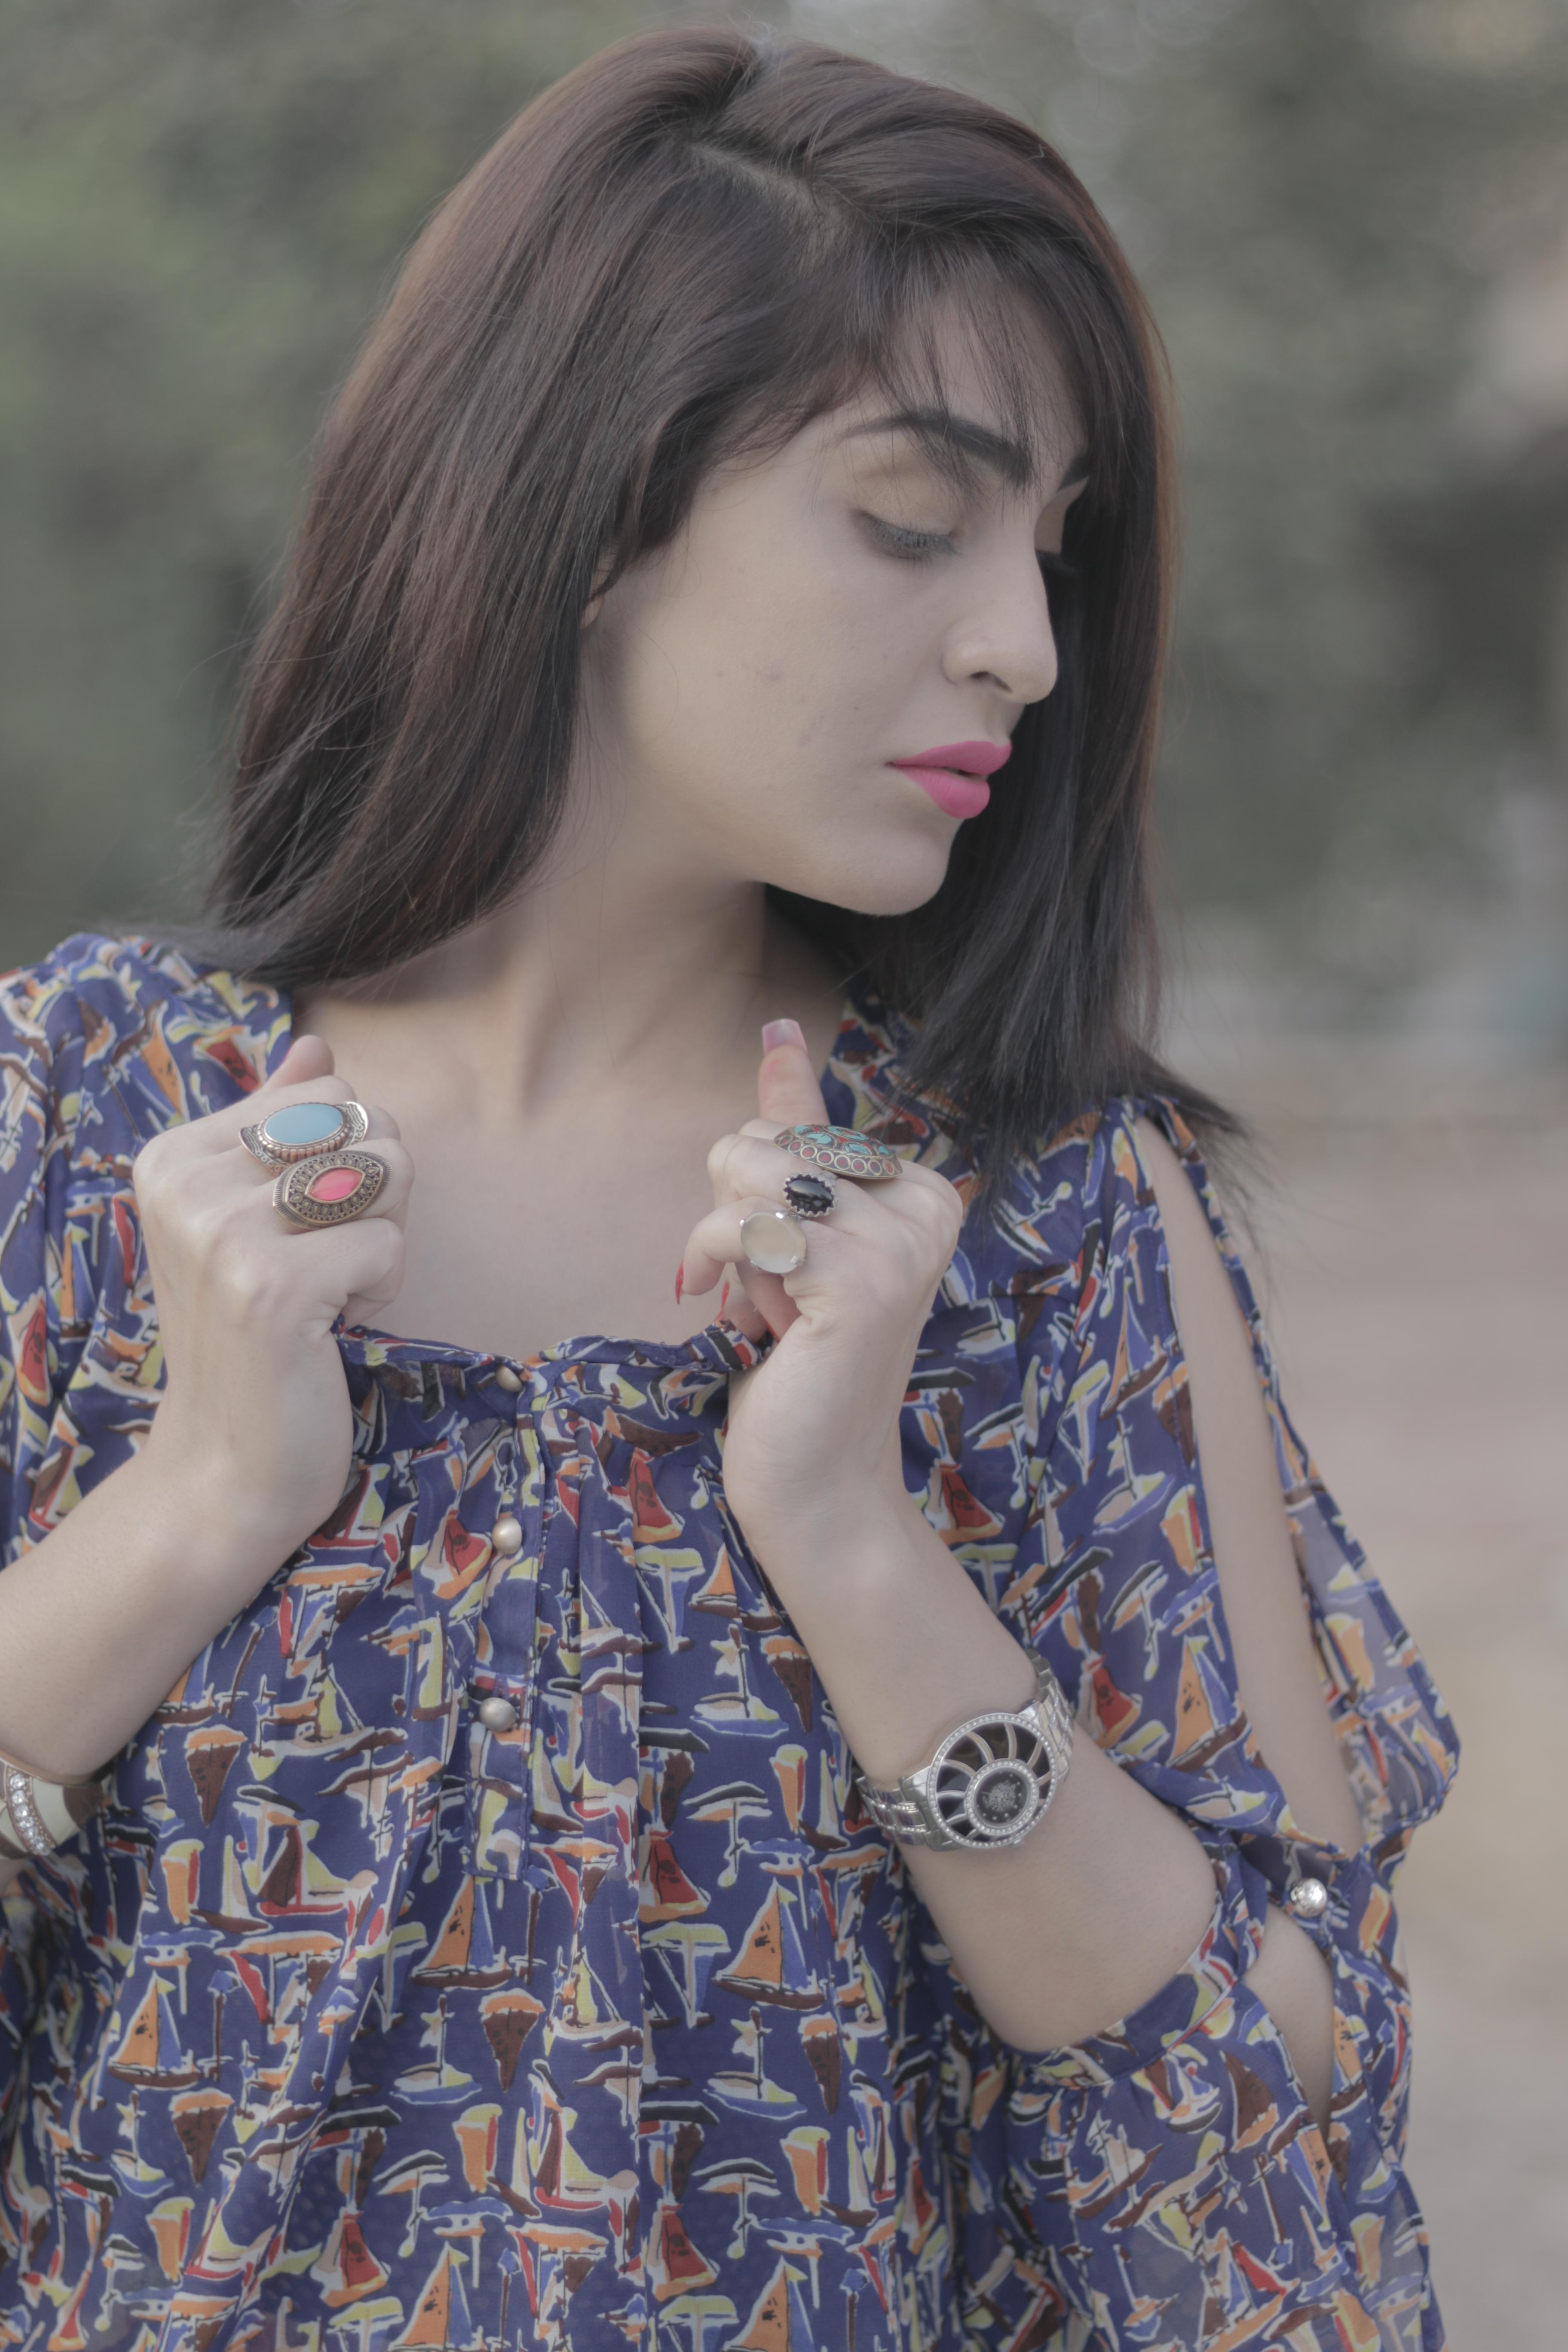 φωτογραφίες των hotgirlsΜυανμάρ XXX δωρεάν βίντεο